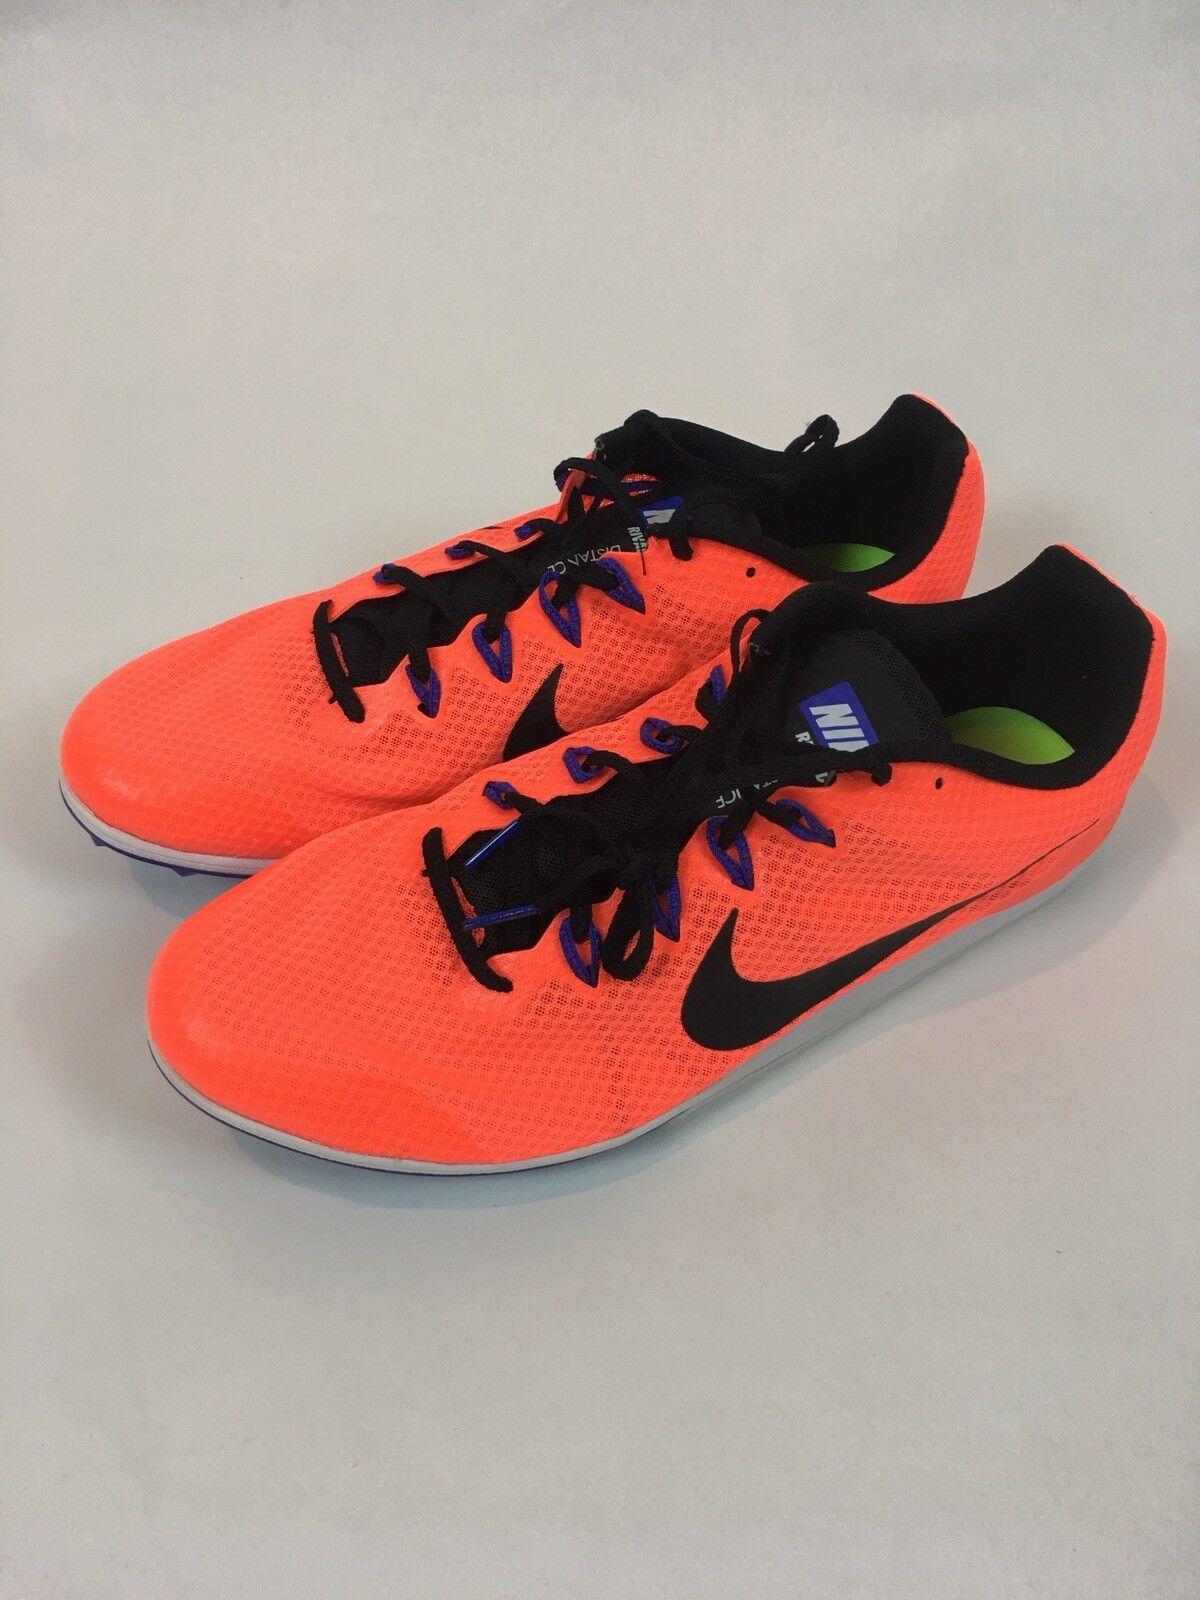 Cheap women's shoes women's shoes Men's Nike Zoom Rival D Track Shoes - Hyper Orange / Black - Comfortable